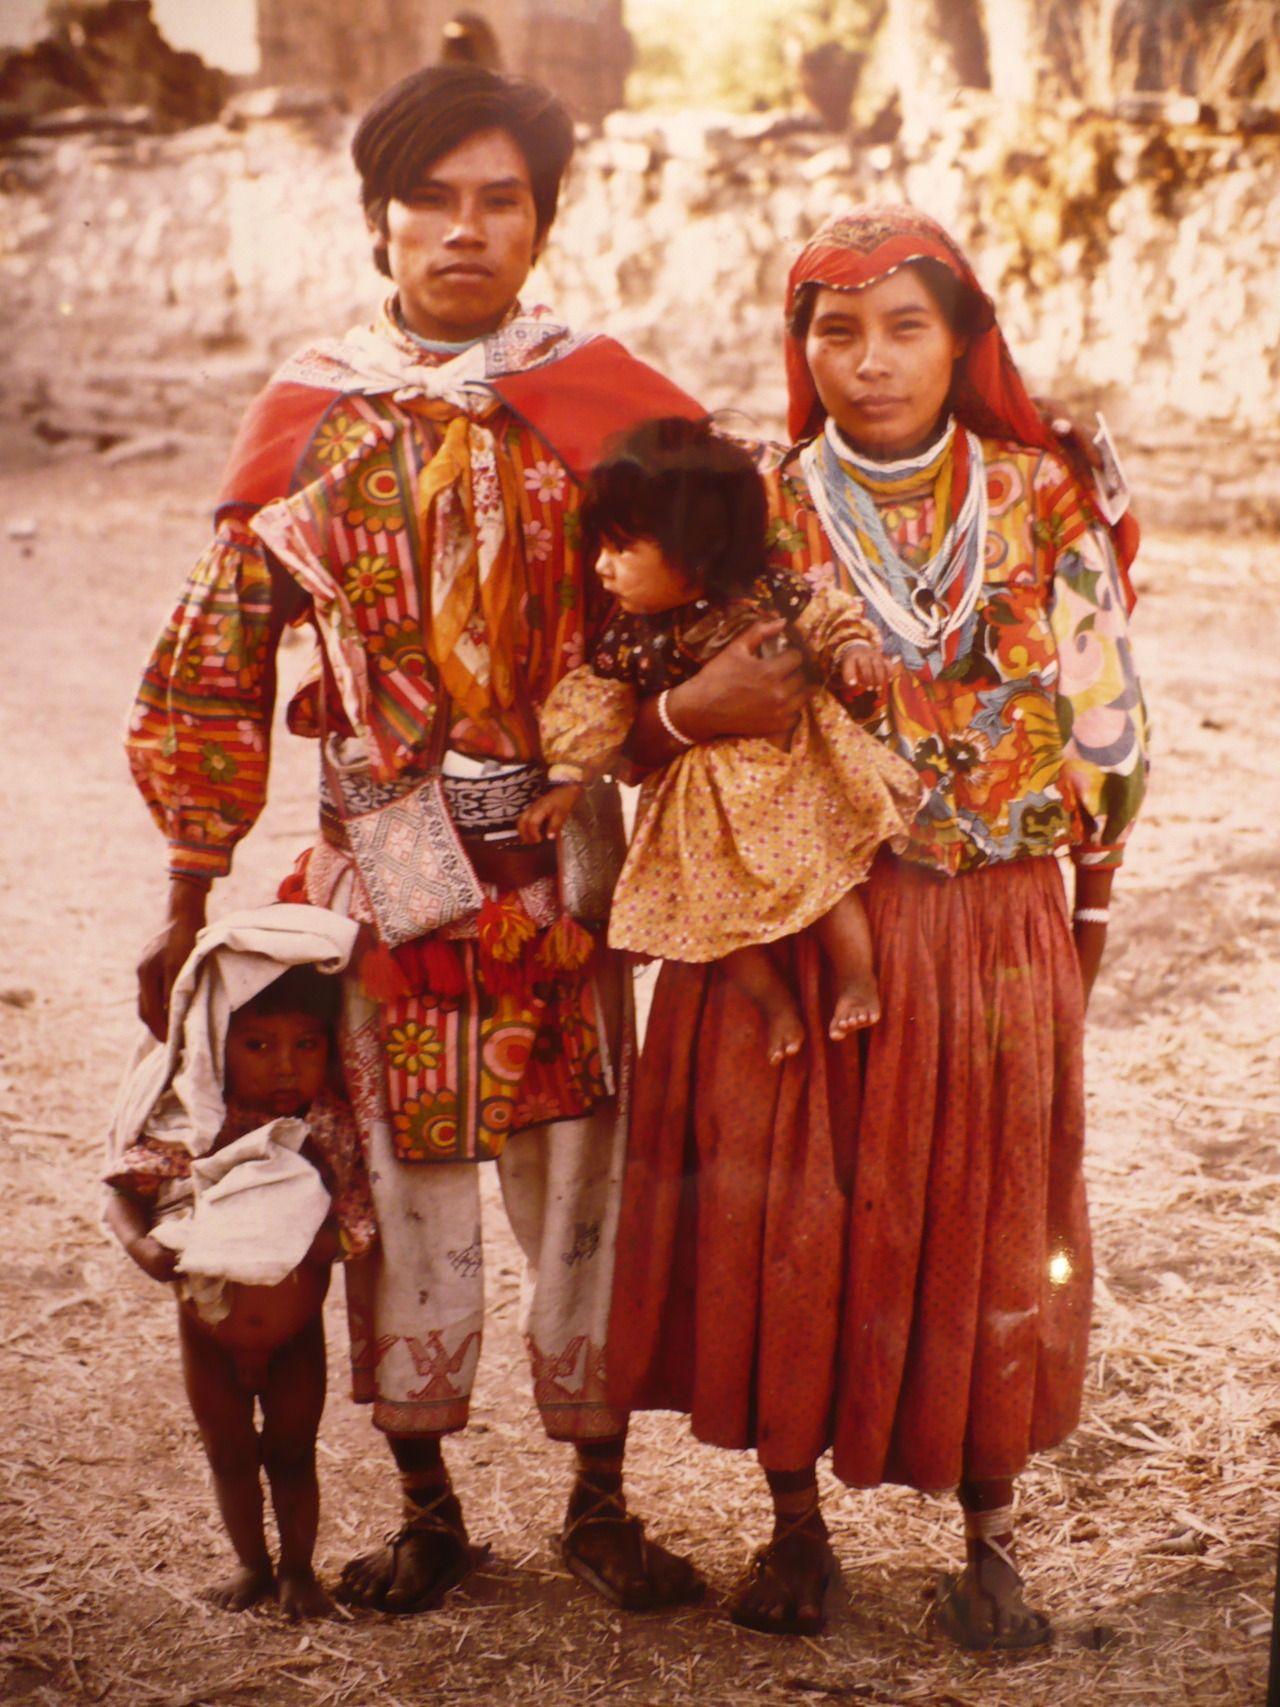 Zacatecas people